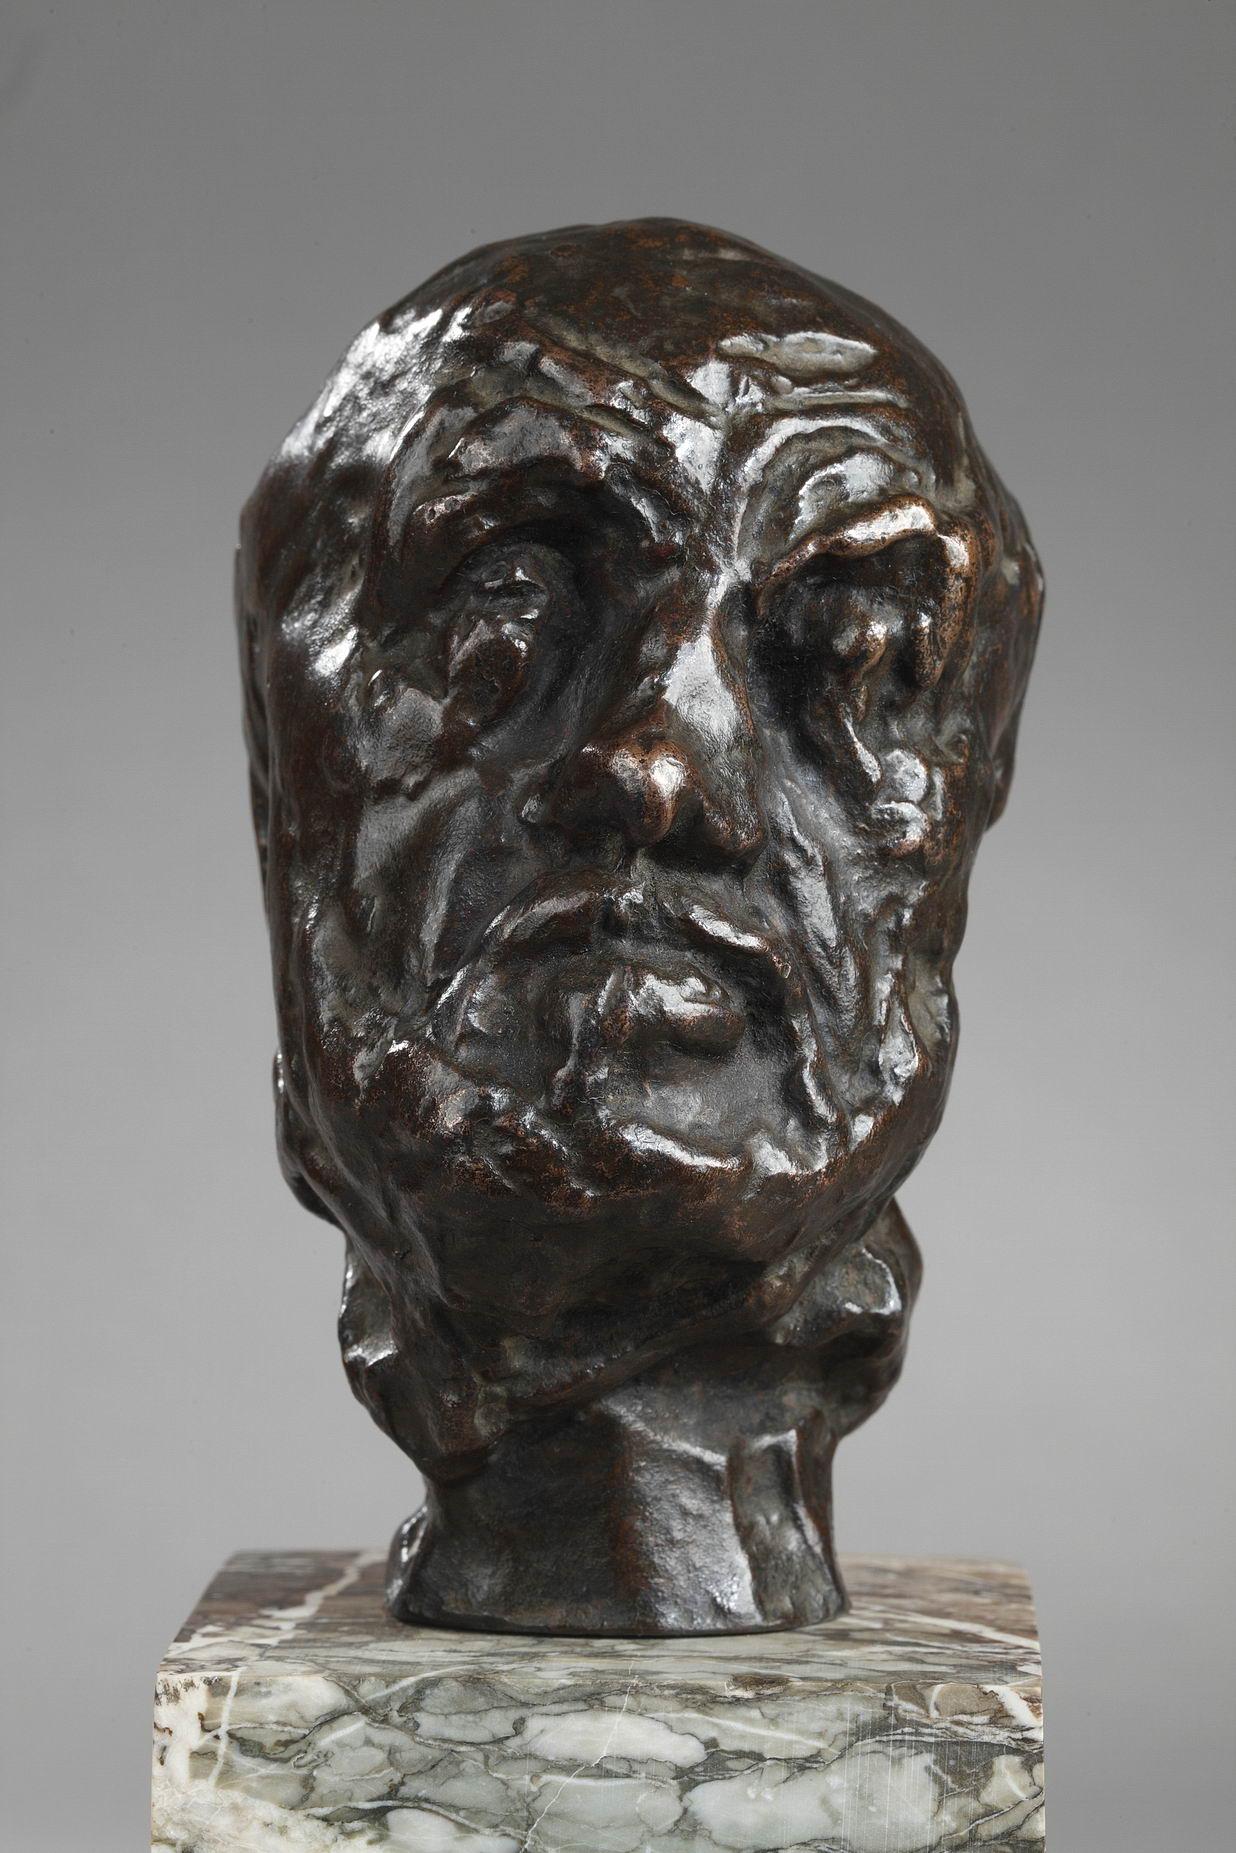 """Auguste Rodin (1840–1917), Petite tête de """"L'Homme au nez cassé"""", bronze à patine brune, fonte Rudier, haut. bronze seul 12,4 cm, sculptures - galerie Tourbillon, Paris"""